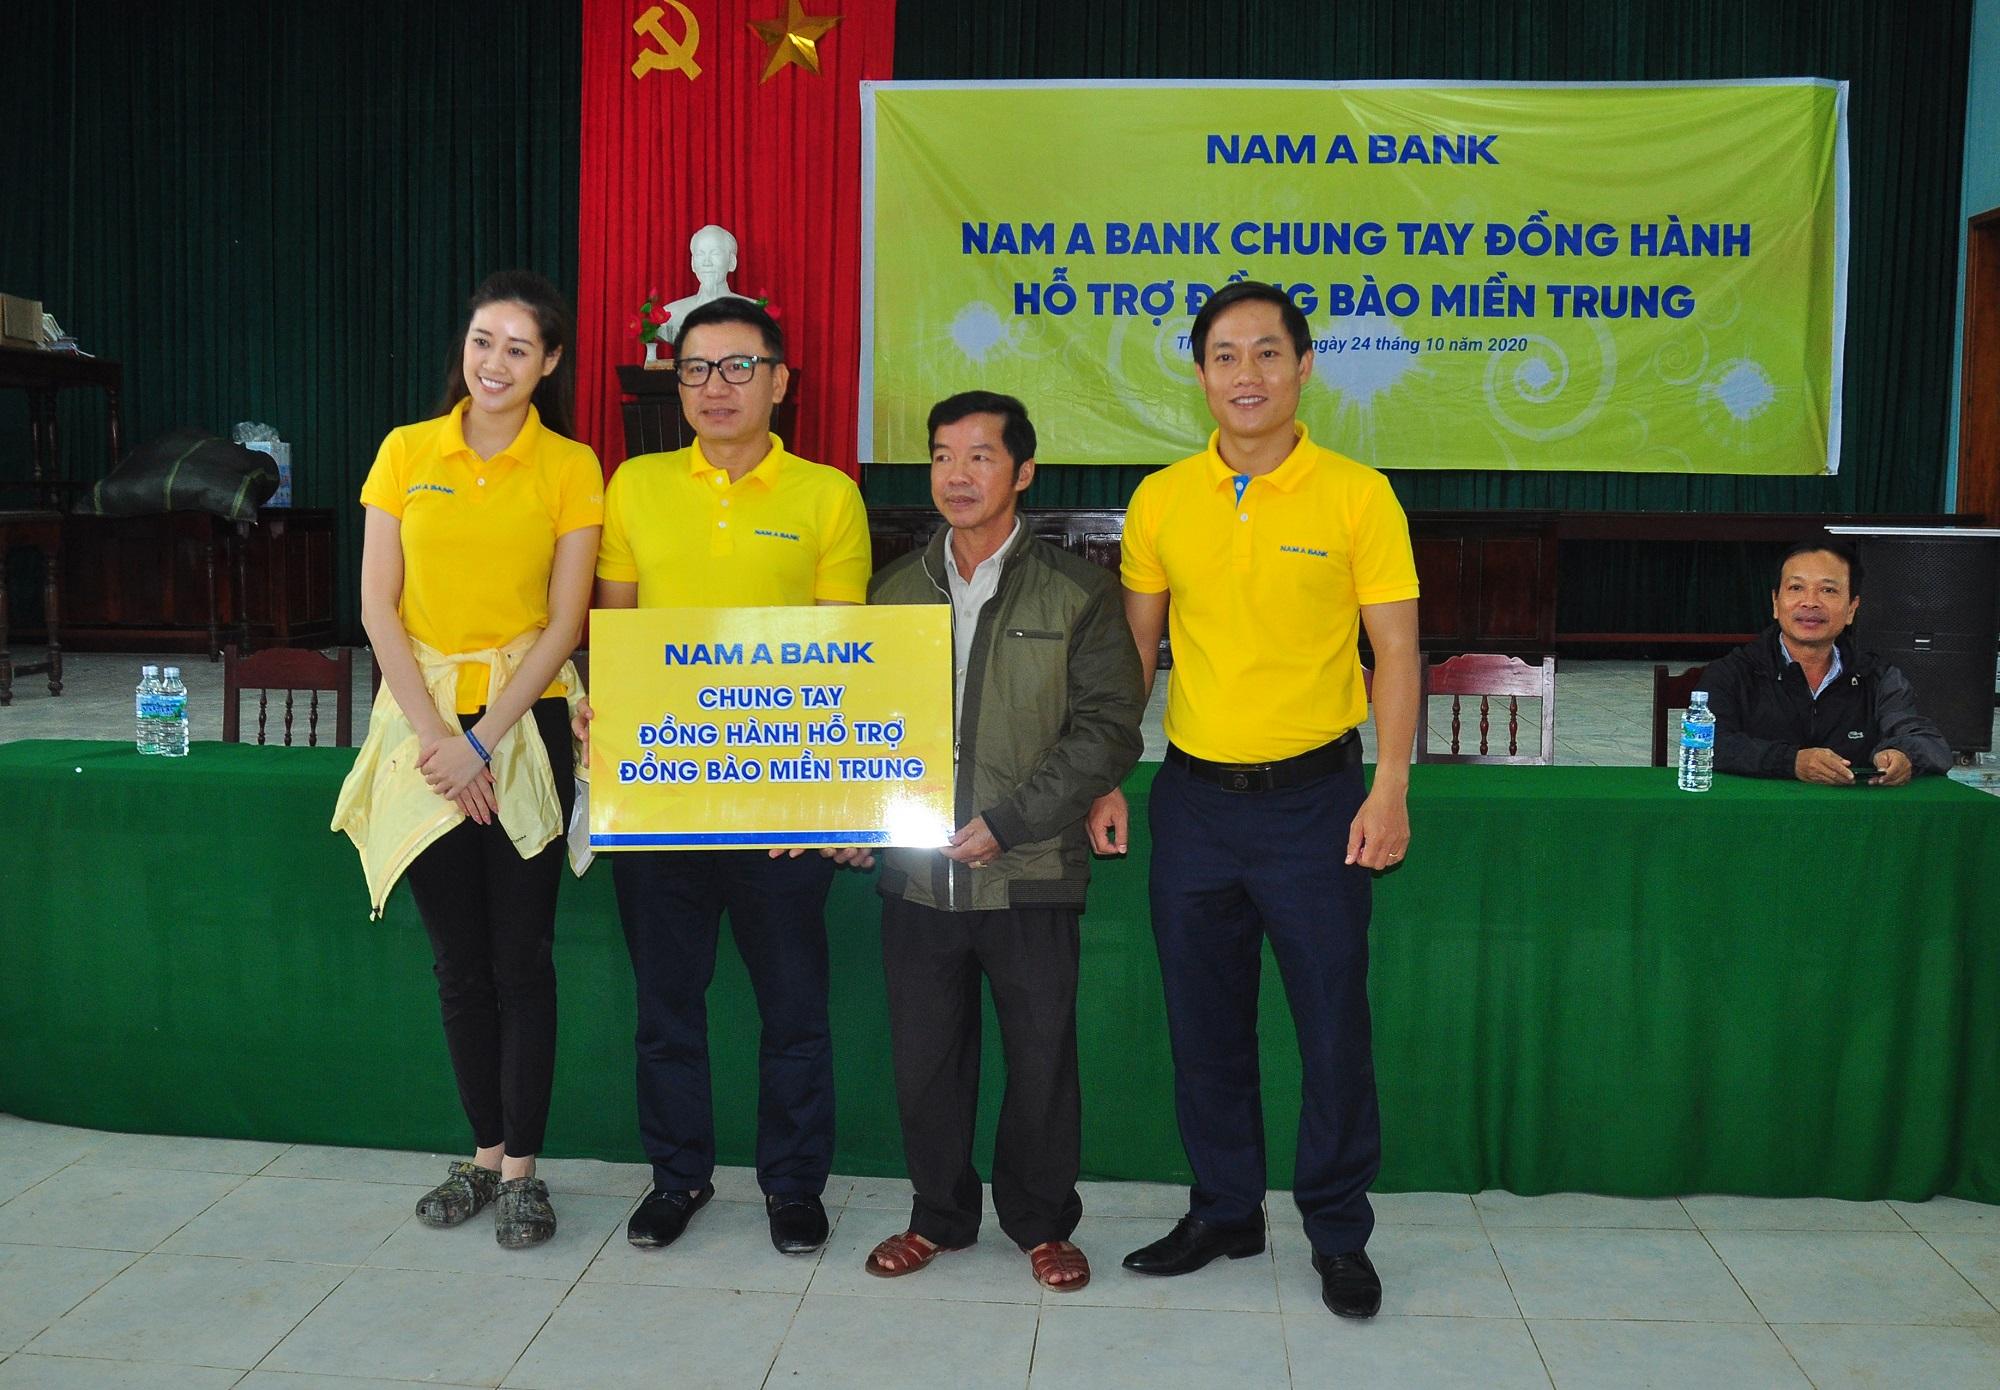 Đại diện Nam A Bank cùng Đại sứ nhân ái Nguyễn Trần Khánh Vân - Hoa hậu Hoàn vũ Việt Nam 2019 trao quà cho các hộ gia đình, cá nhân bị ảnh hưởng bão lũ.